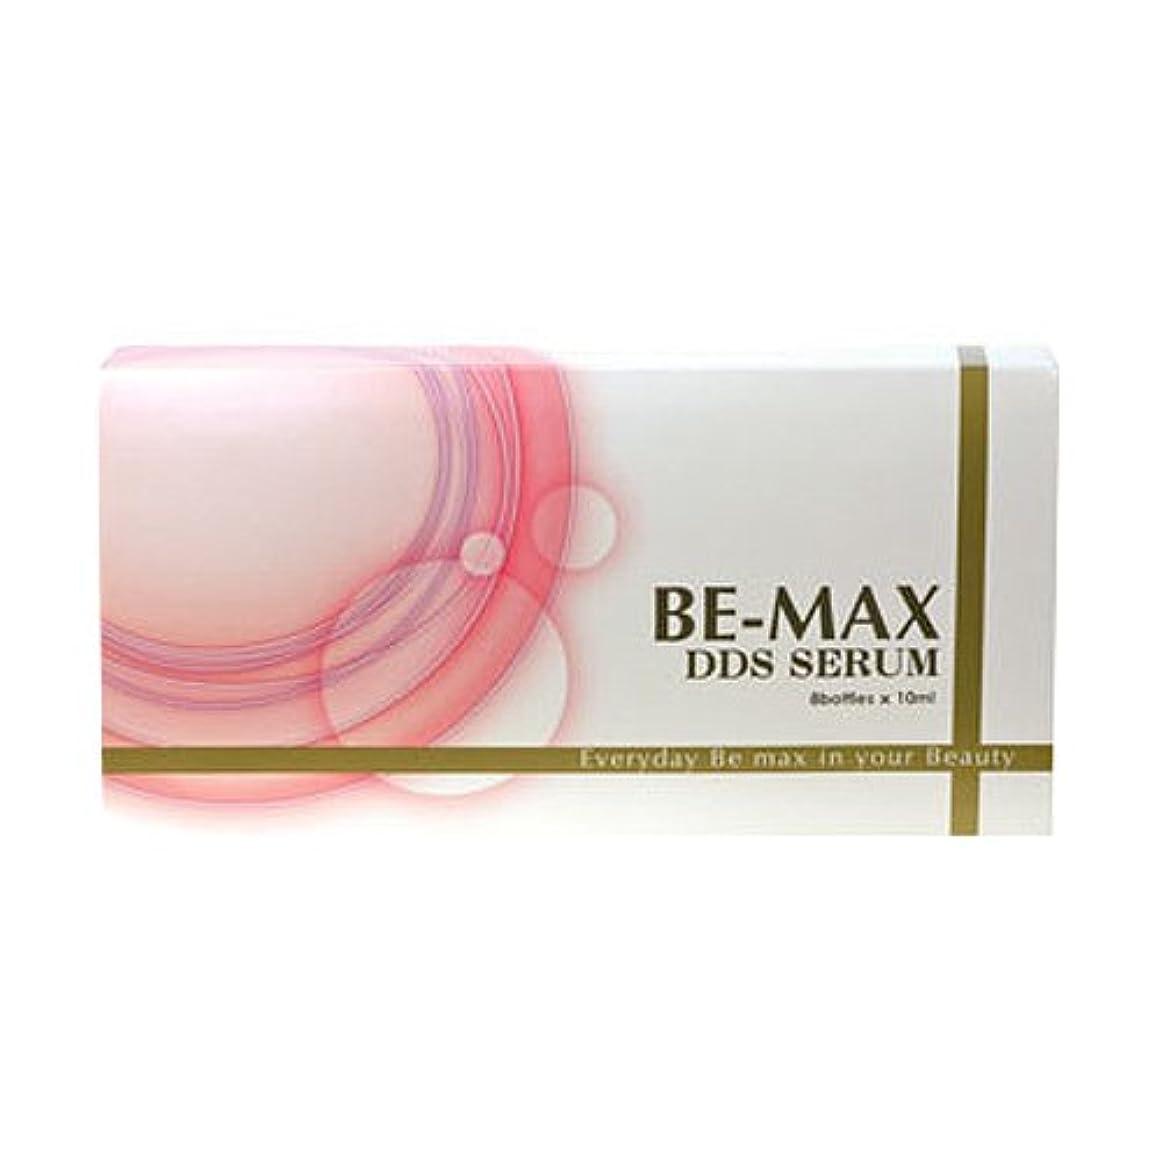 書店繰り返し大学院ビーマックス DDSセラム (10ml×8本) 美容液 BE-MAX DDS SERUM